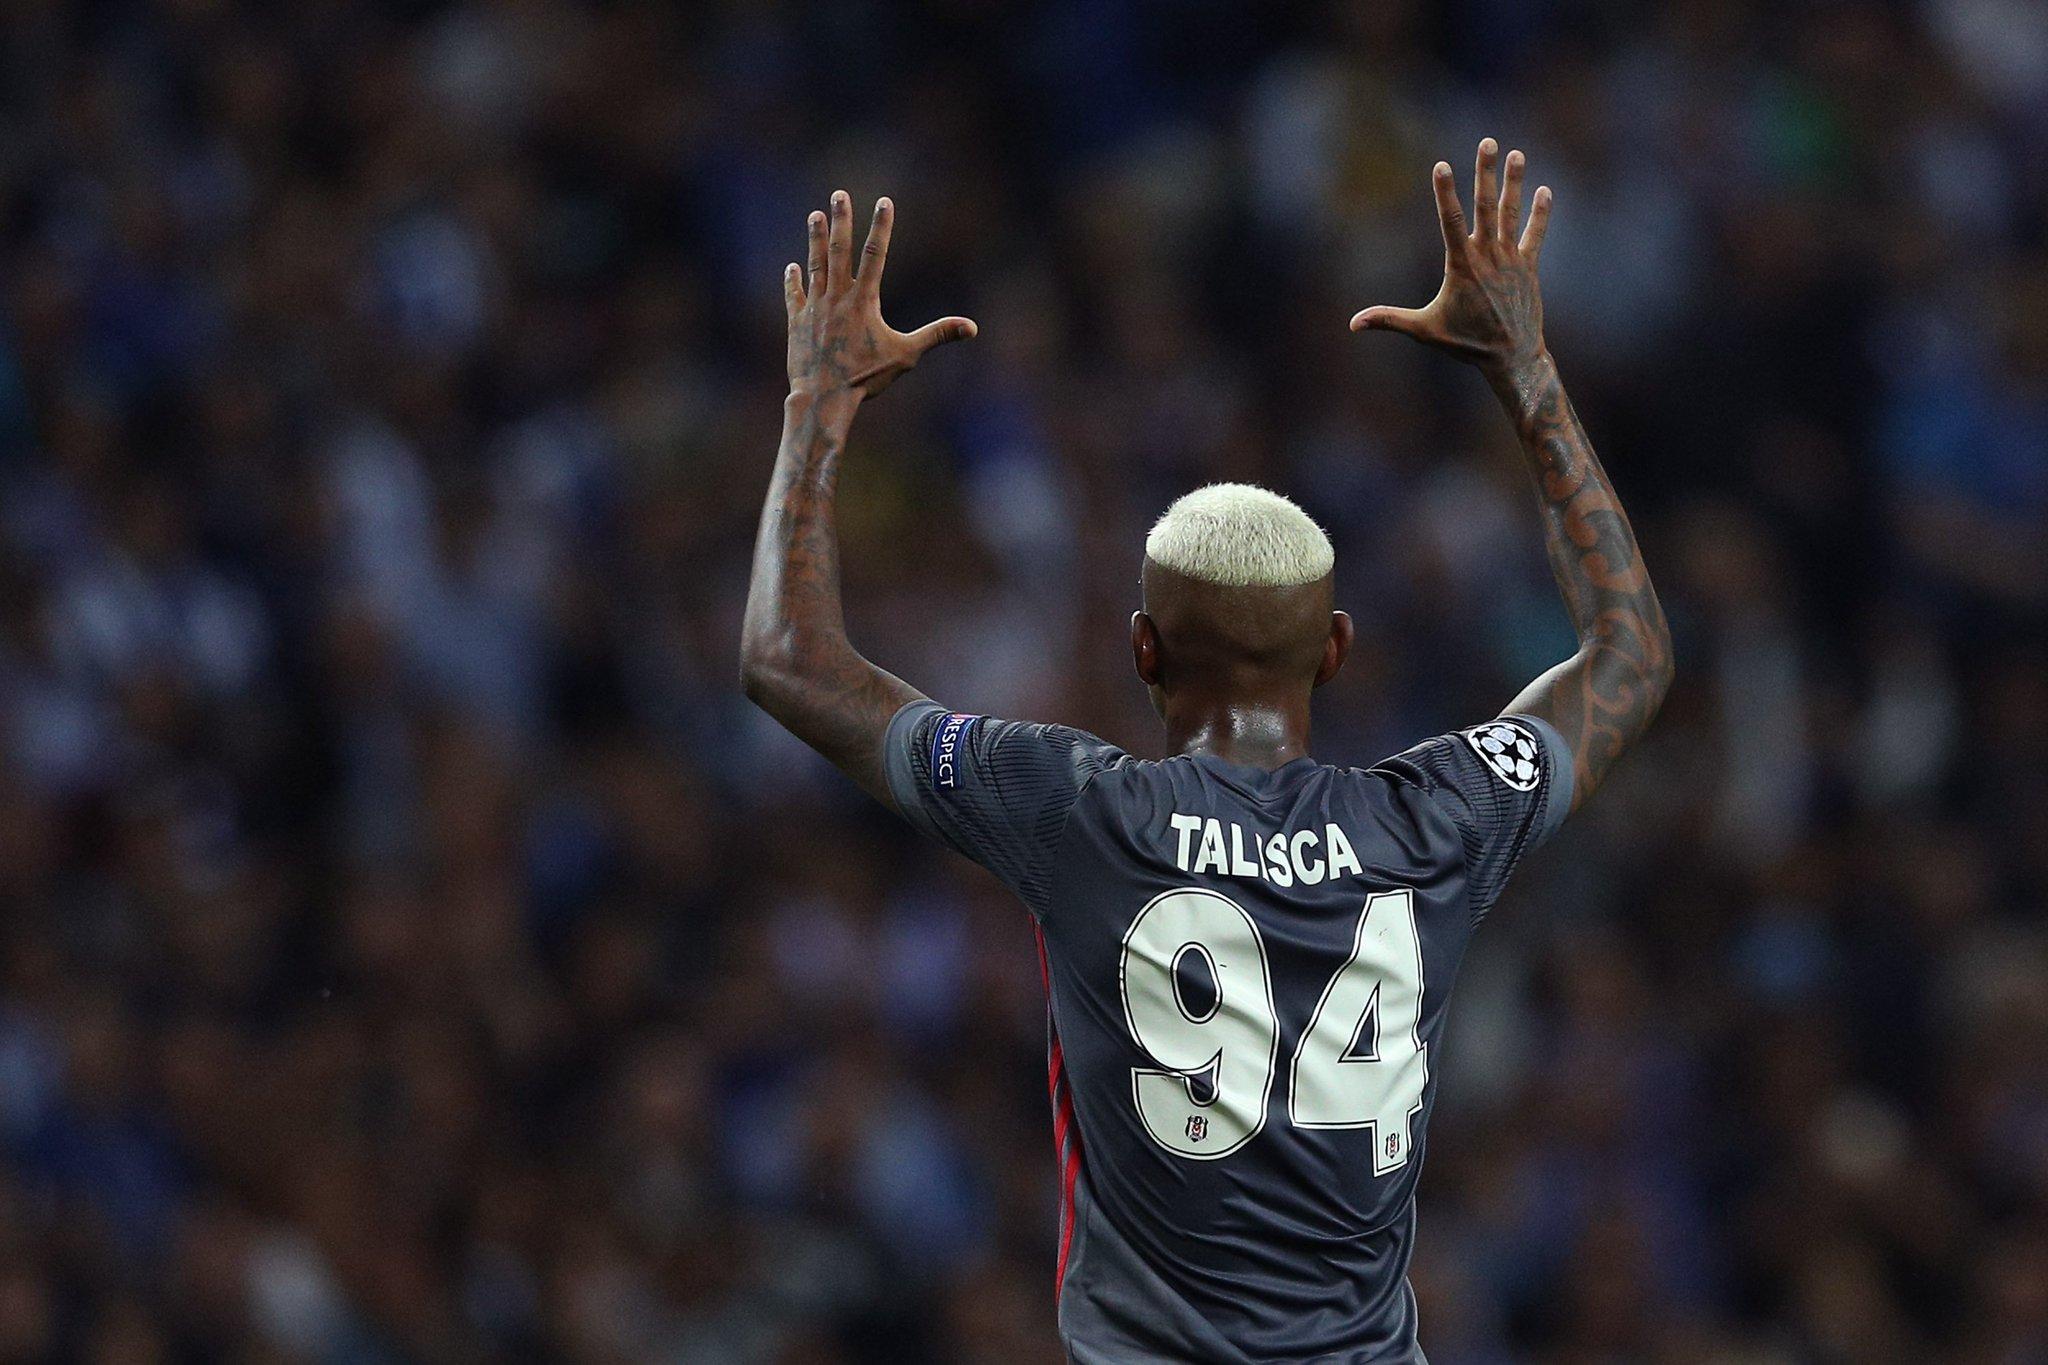 Talisca on target in the #UCL! ��  Best Beşiktaş player tonight? https://t.co/tsdd2XDaI2